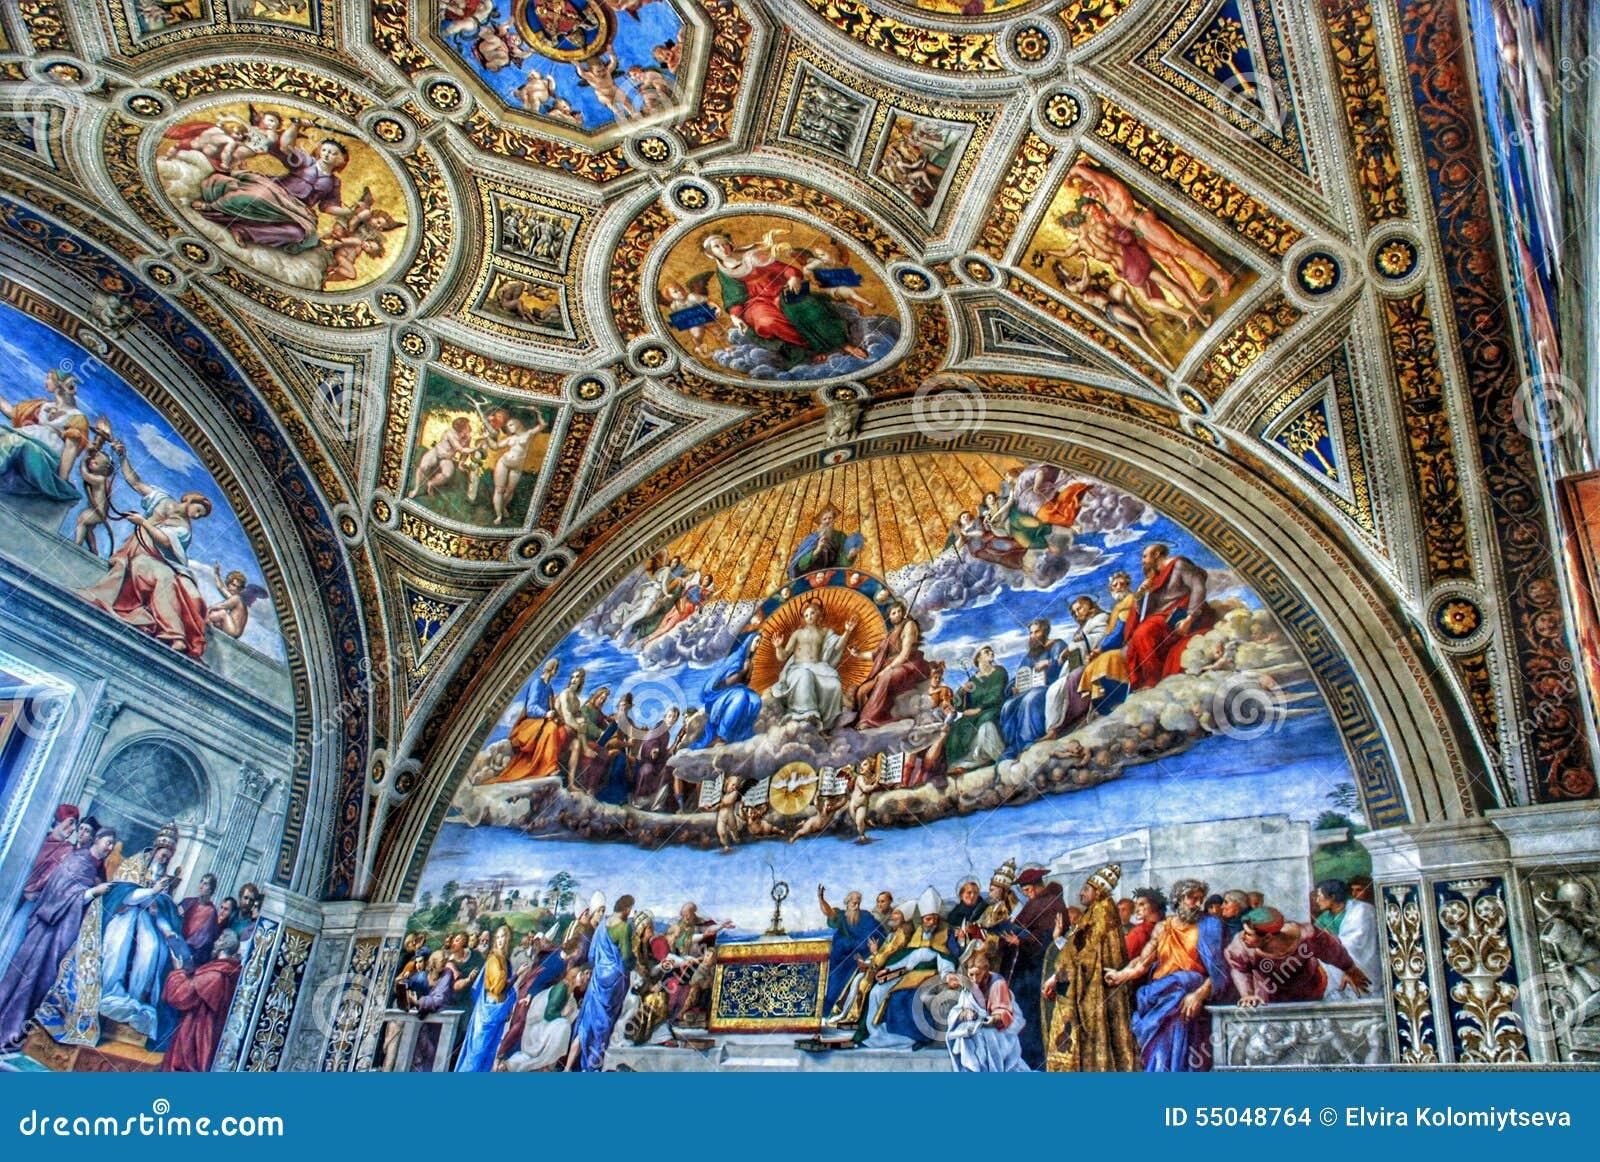 Museo Del Vaticano.Soffitto Del Museo Del Vaticano Immagine Stock Editoriale Immagine